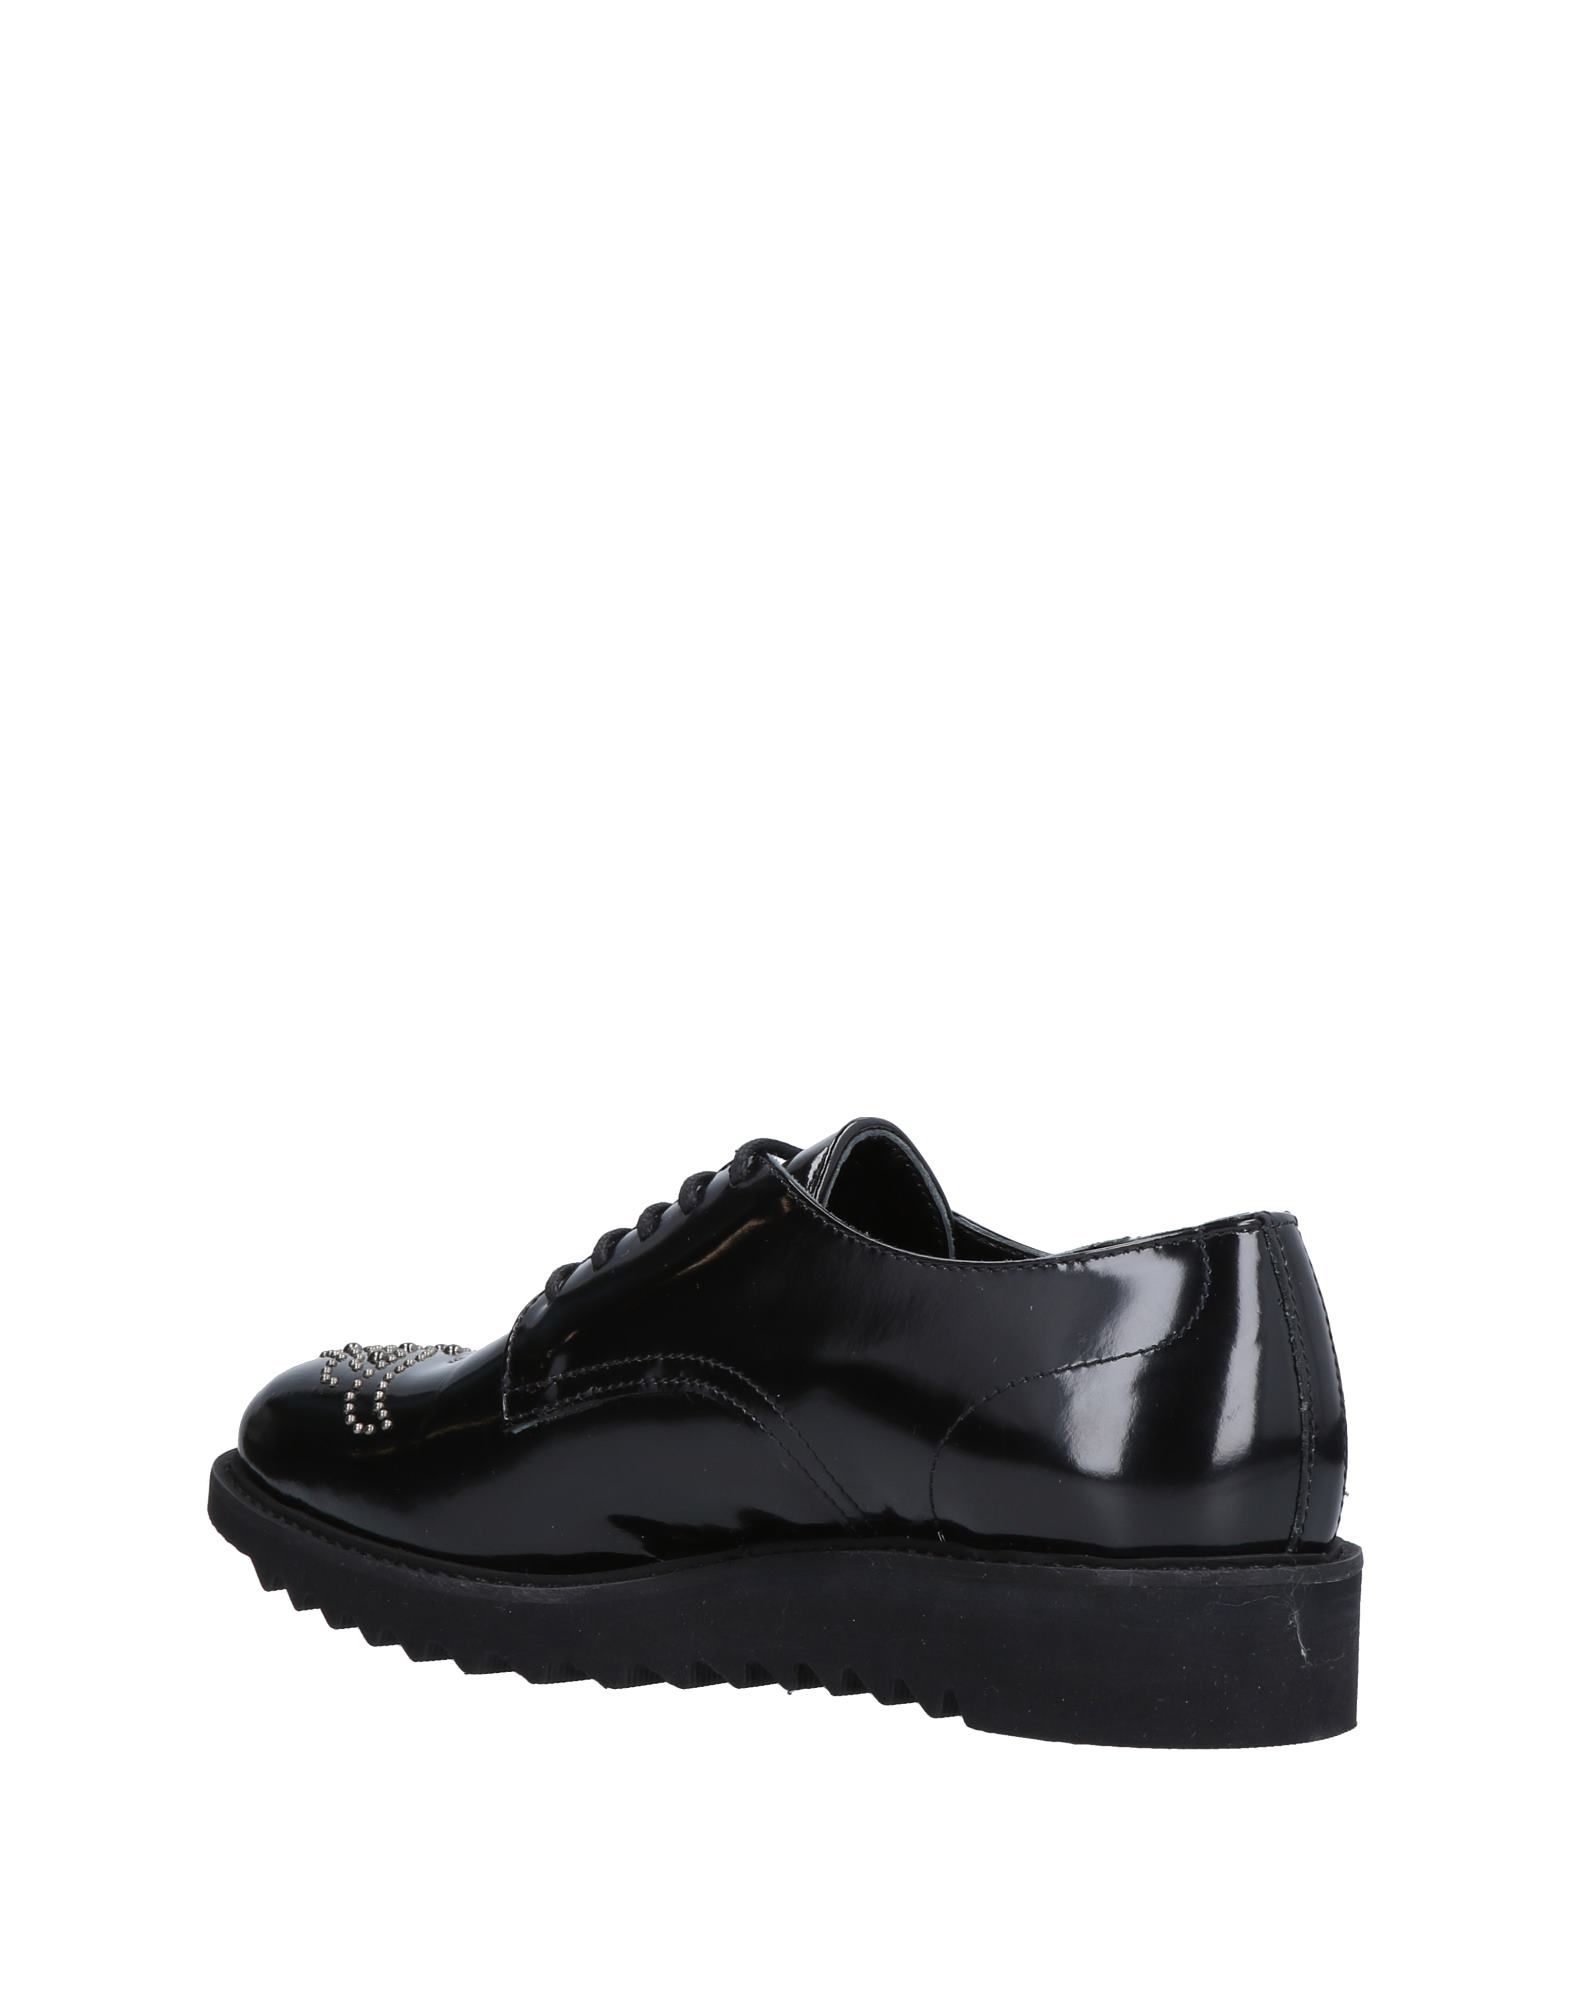 Gut Botticelli um billige Schuhe zu tragenRoberto Botticelli Gut Schnürschuhe Damen  11512759RT ae1943